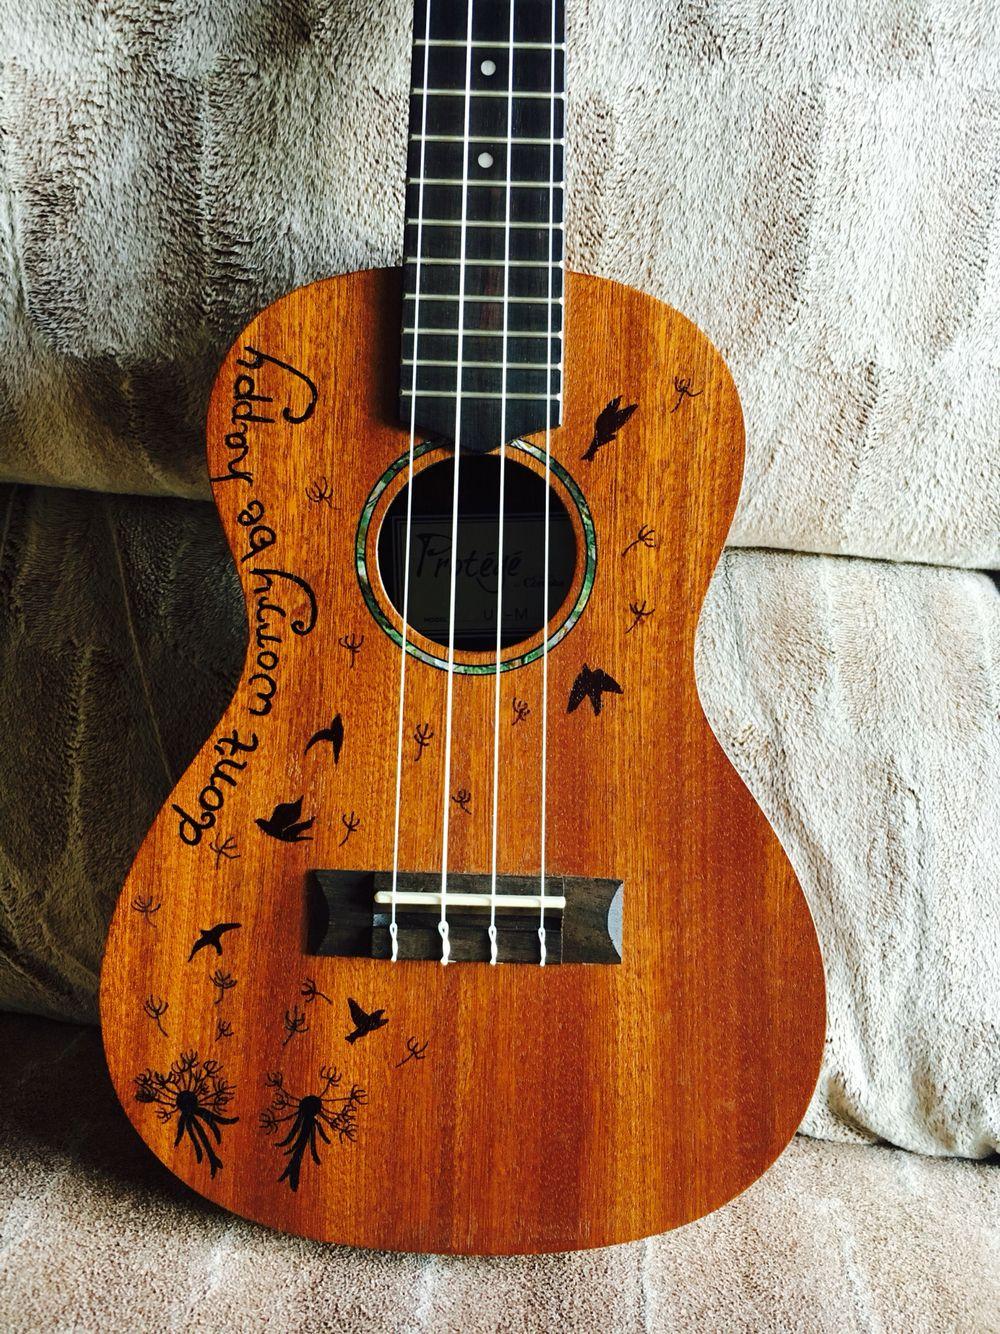 ukulele design with sharpie artsy fartsy. Black Bedroom Furniture Sets. Home Design Ideas